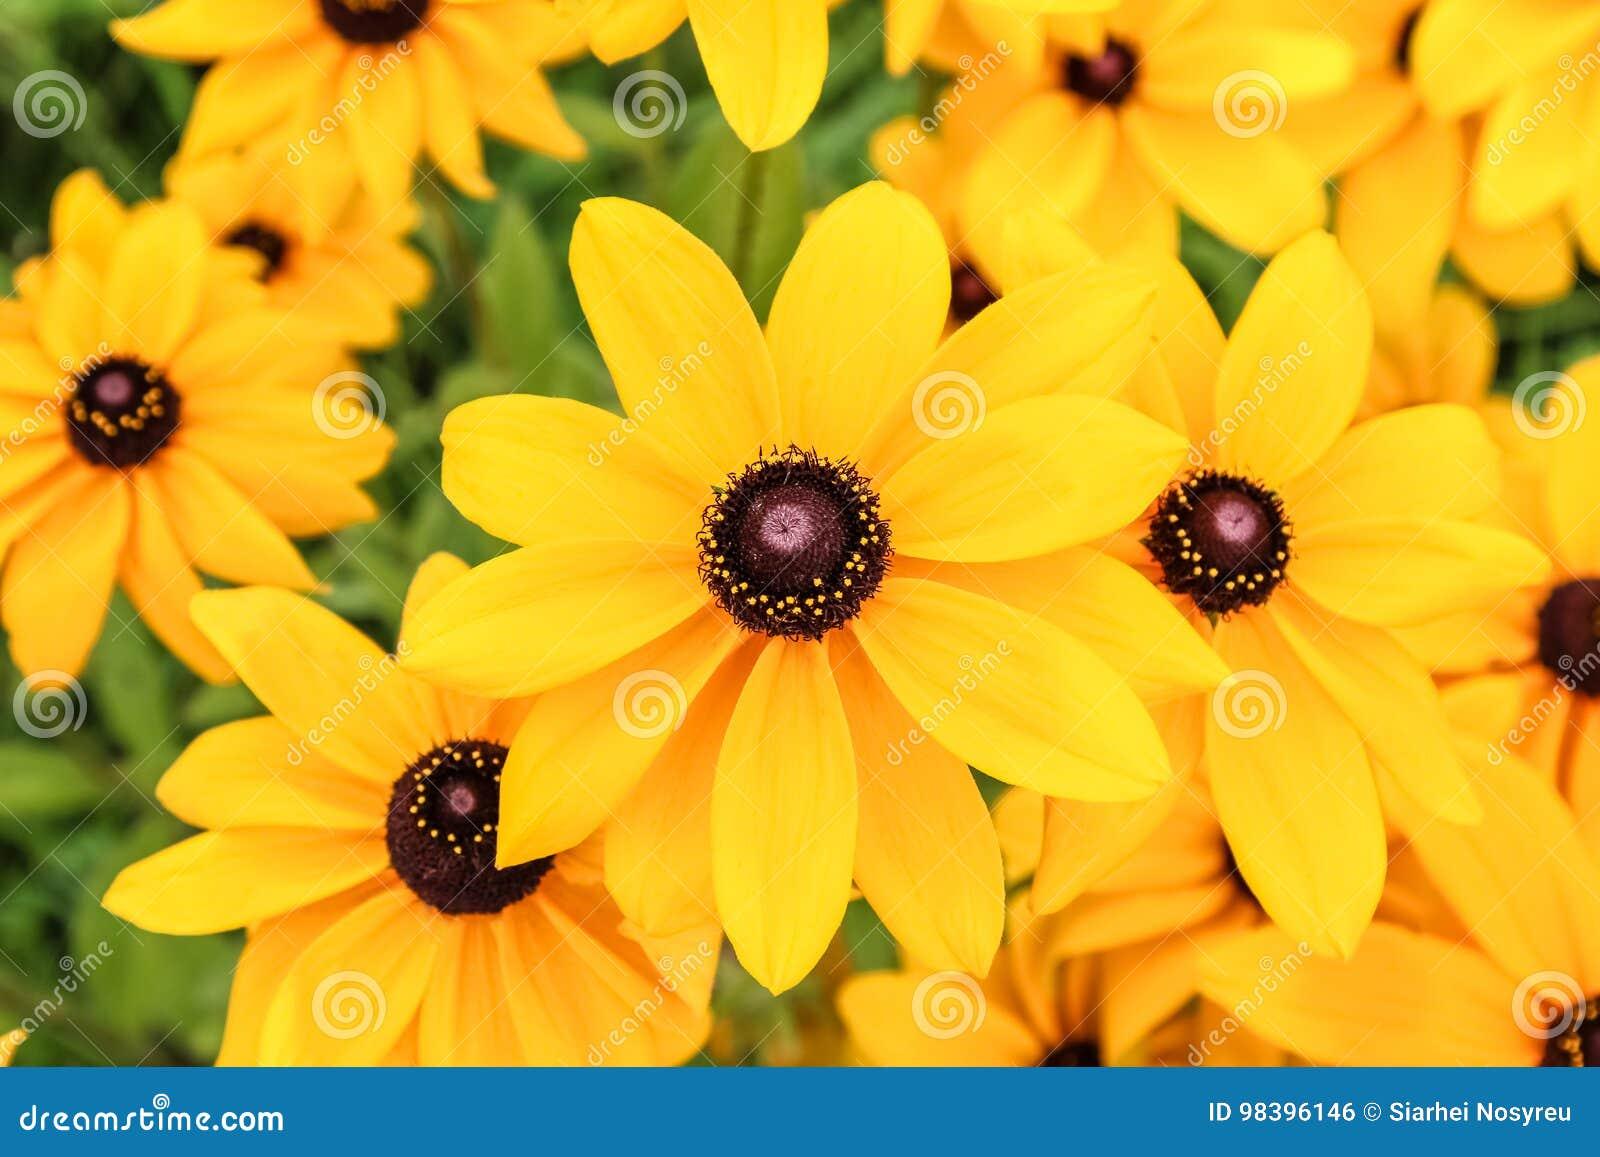 黄色黄金菊花锥体花,照片的关闭